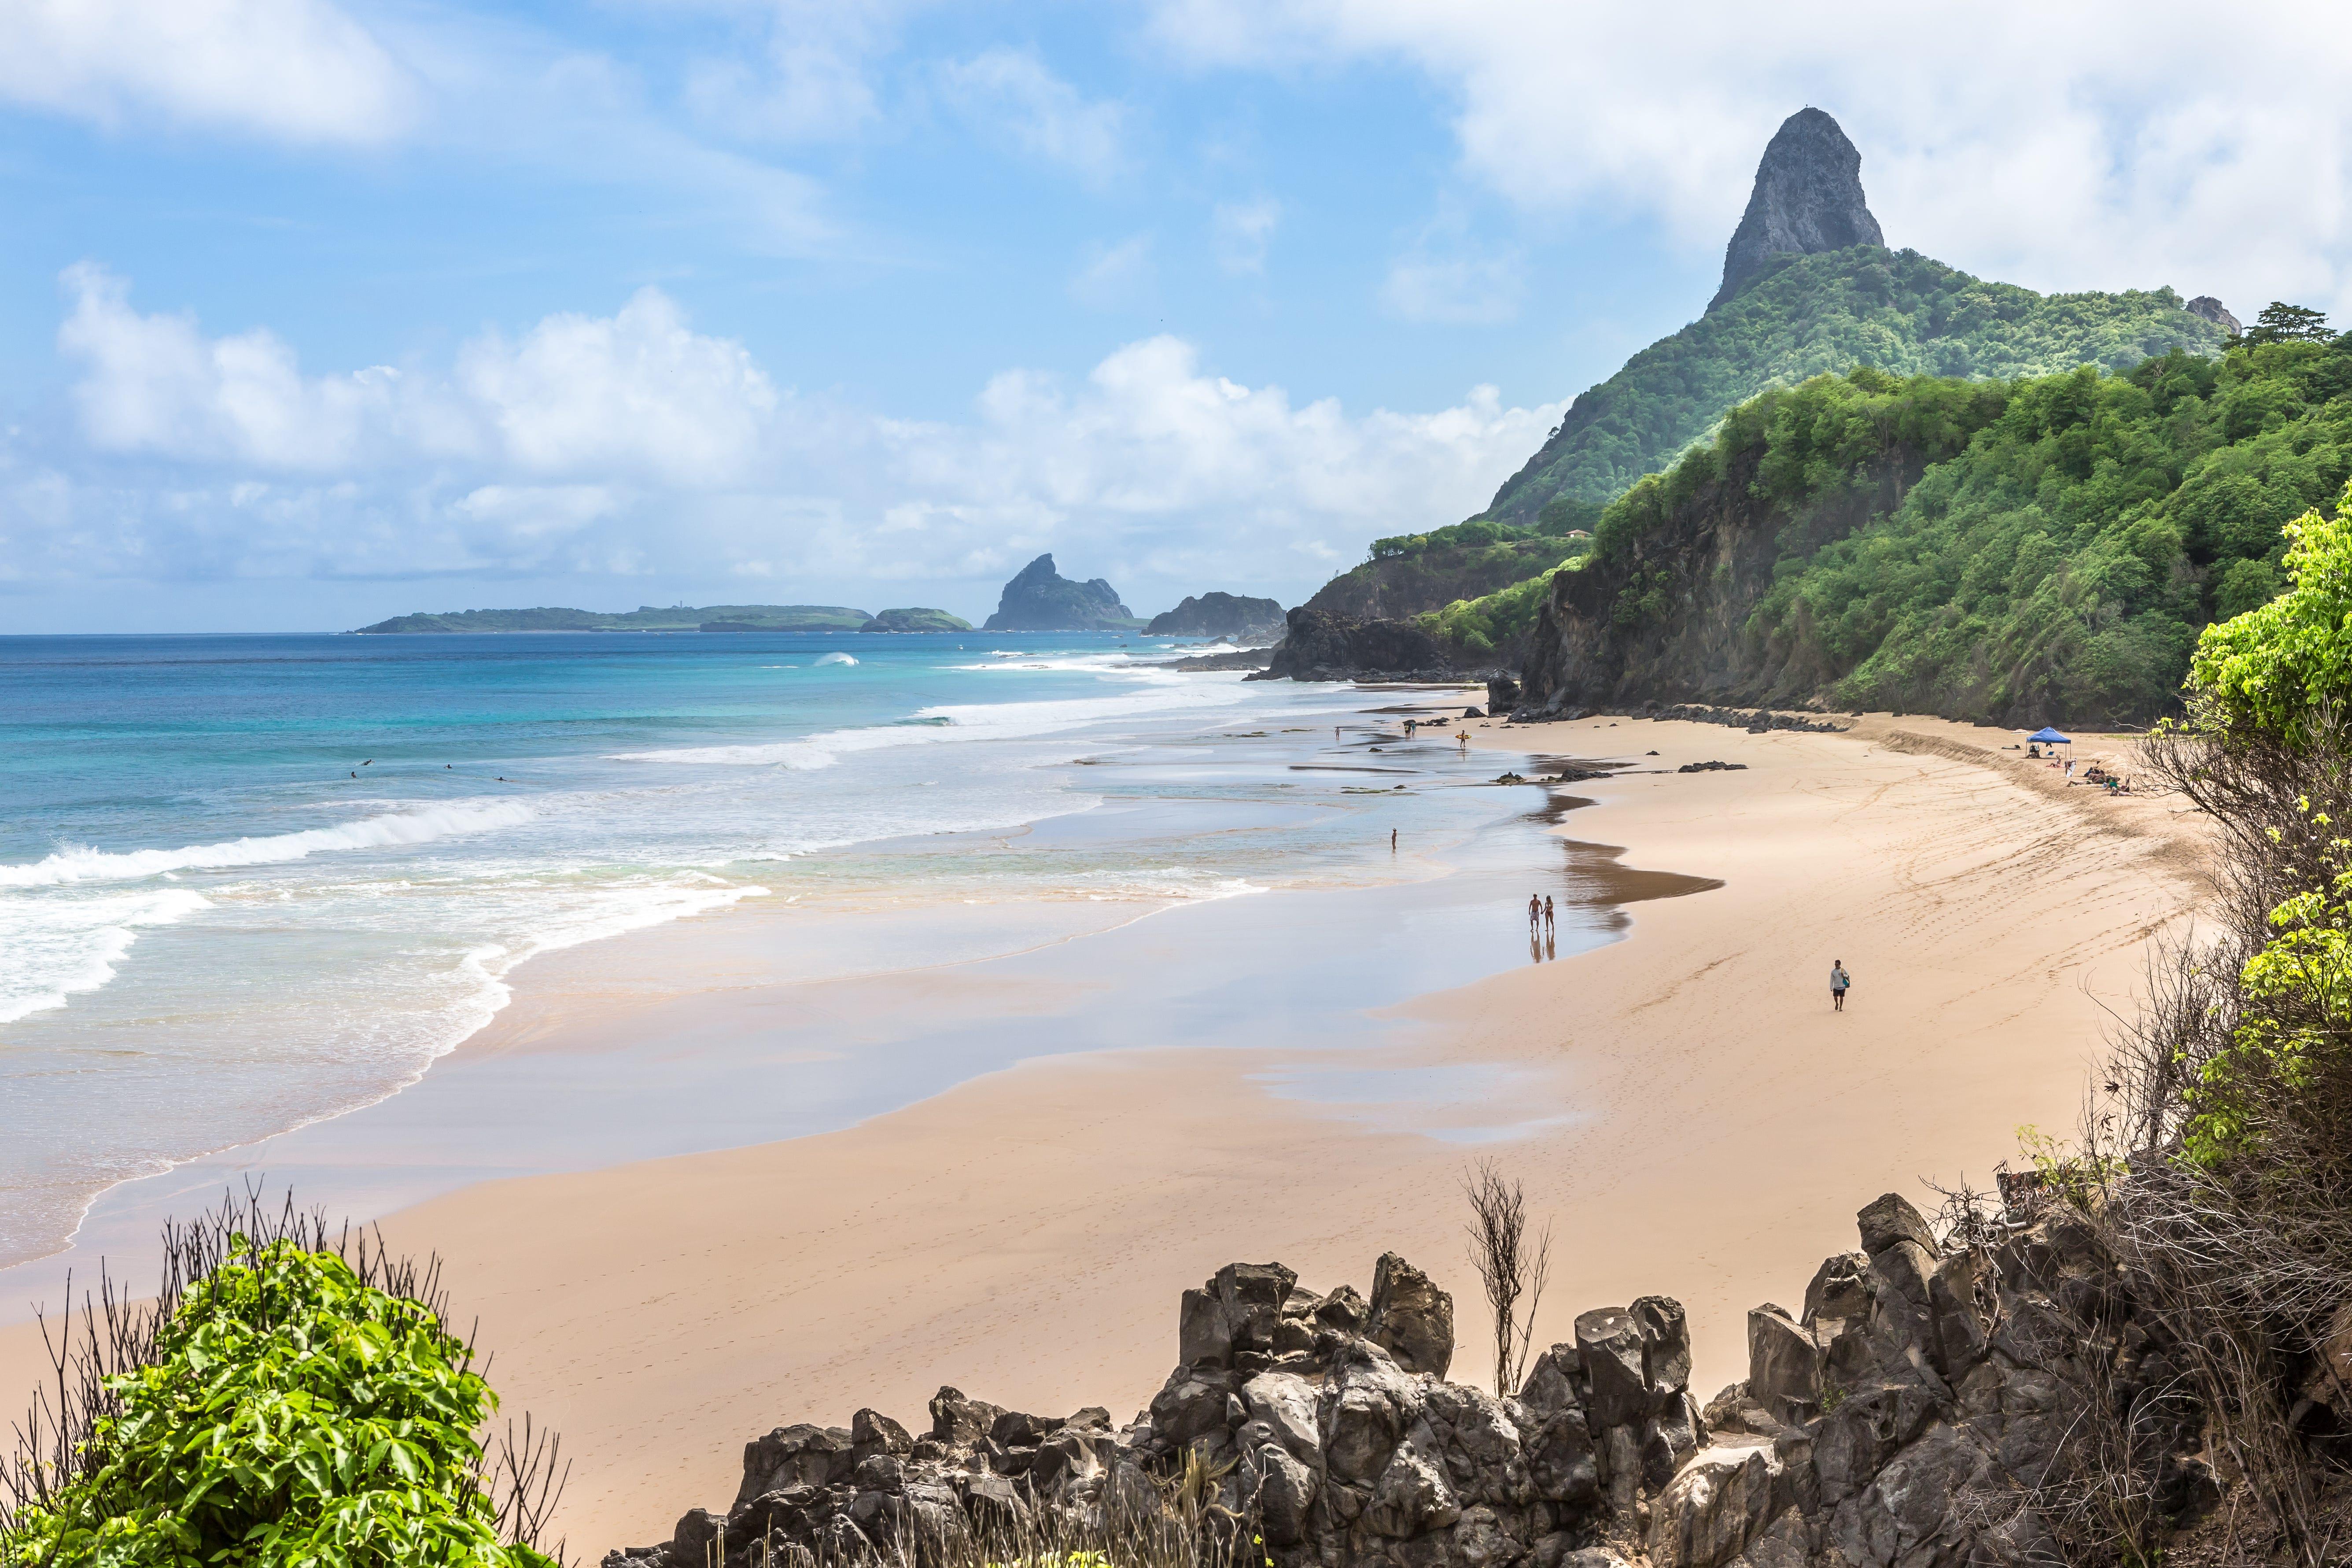 TripAdvisor names the world's best beaches for 2019